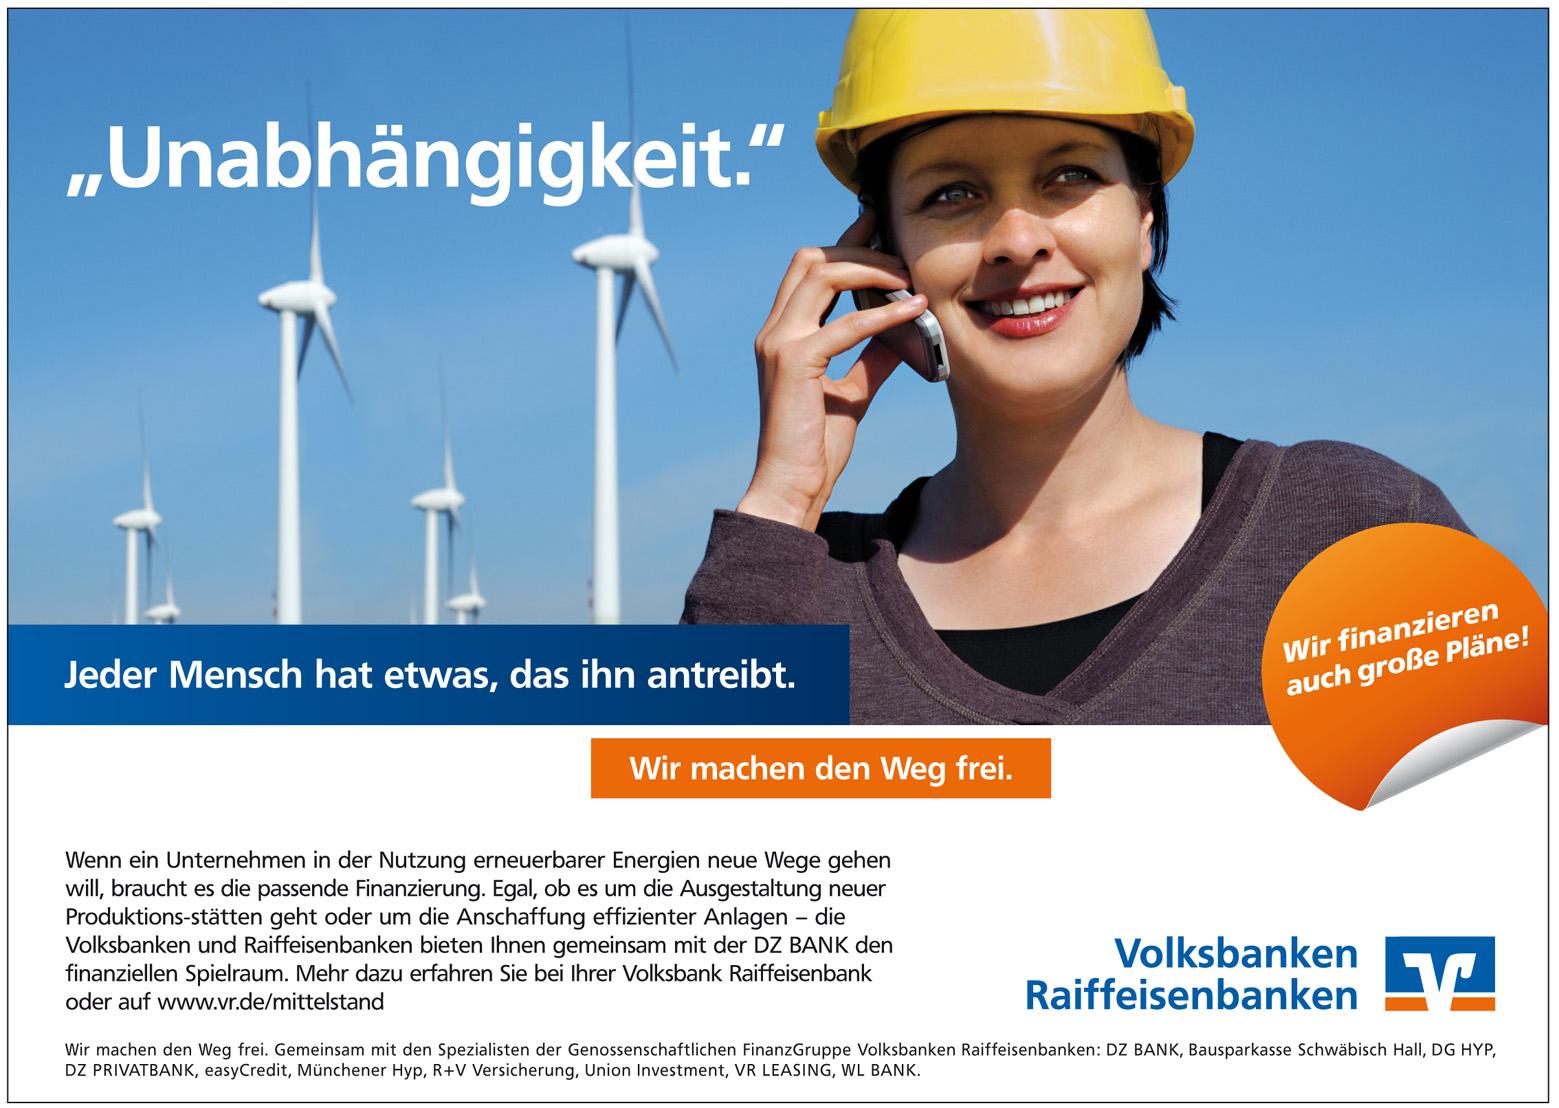 Volksbank Raiffeisenbank Werbung